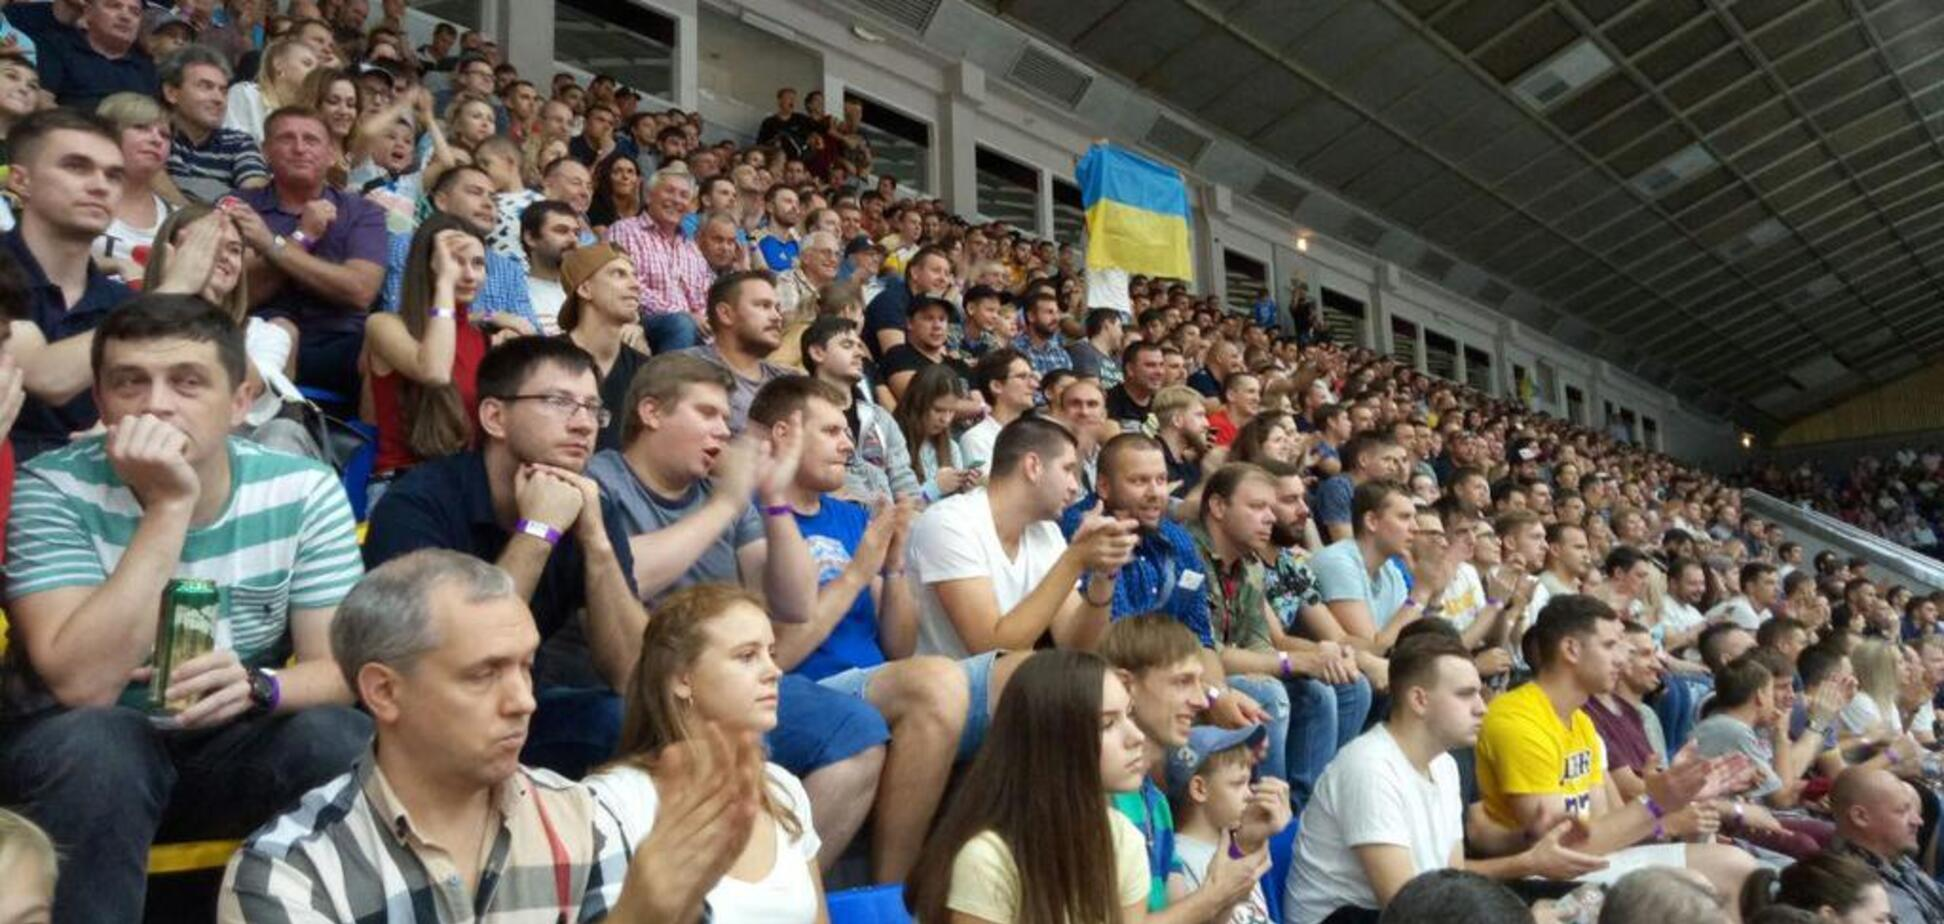 Сборная Украины по баскетболу собрала аншлаг в Киеве